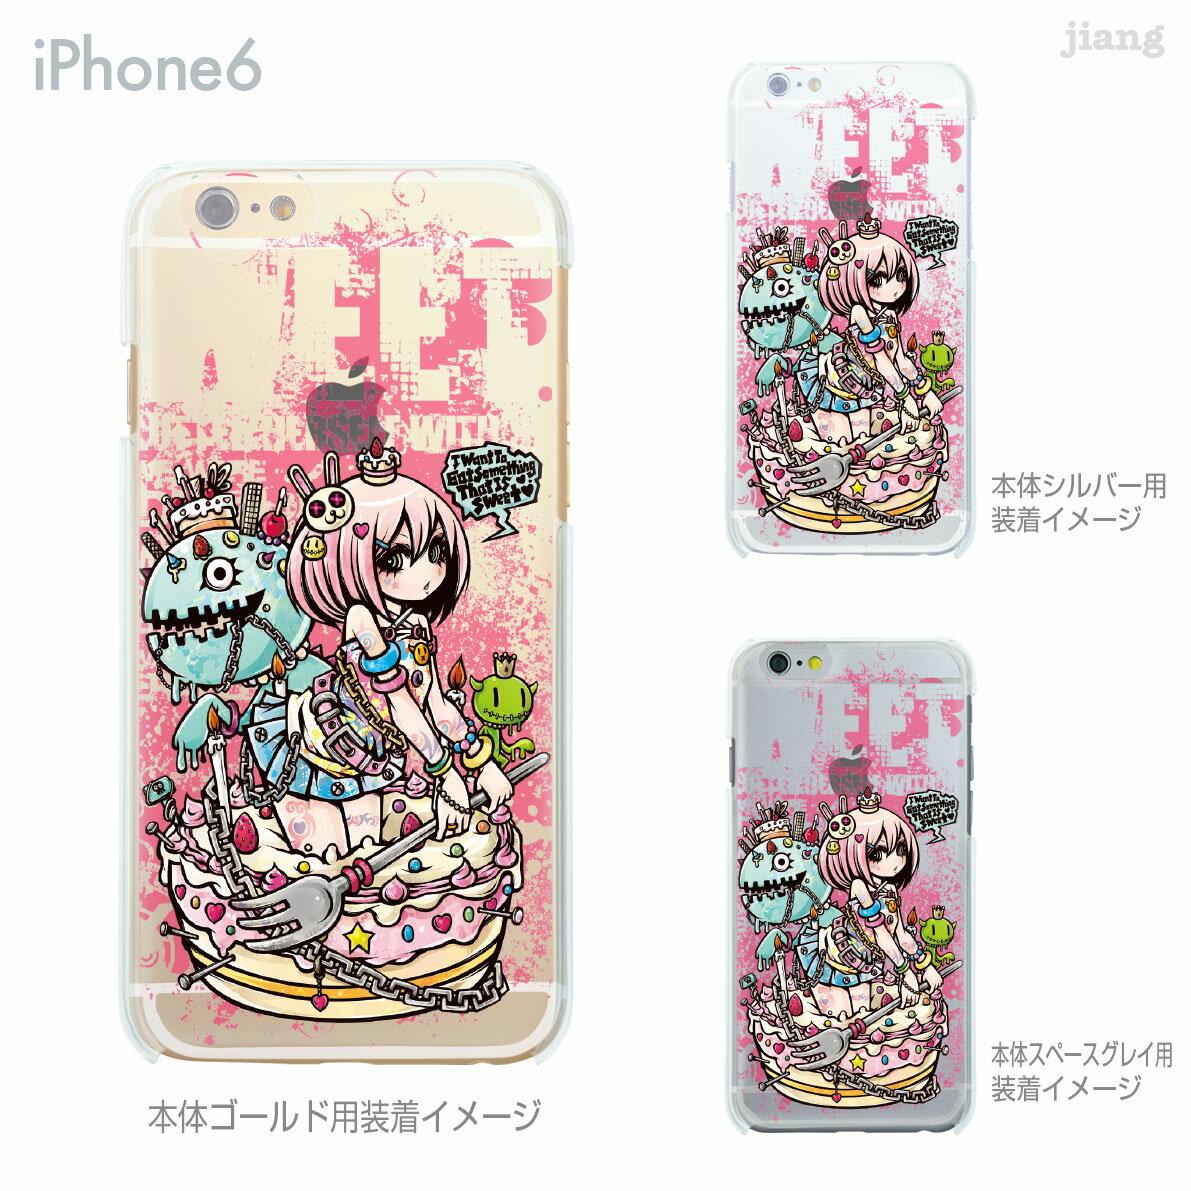 iPhoneX iPhone X ケース iPhone8 iPhone7ケース iPhone7 Plus iPhone6s iPhone6 Plus iphone ハードケース Clear Arts ケース カバー スマホケース クリアケース Project.C.K. SWEET 11-ip6-ca0009-s